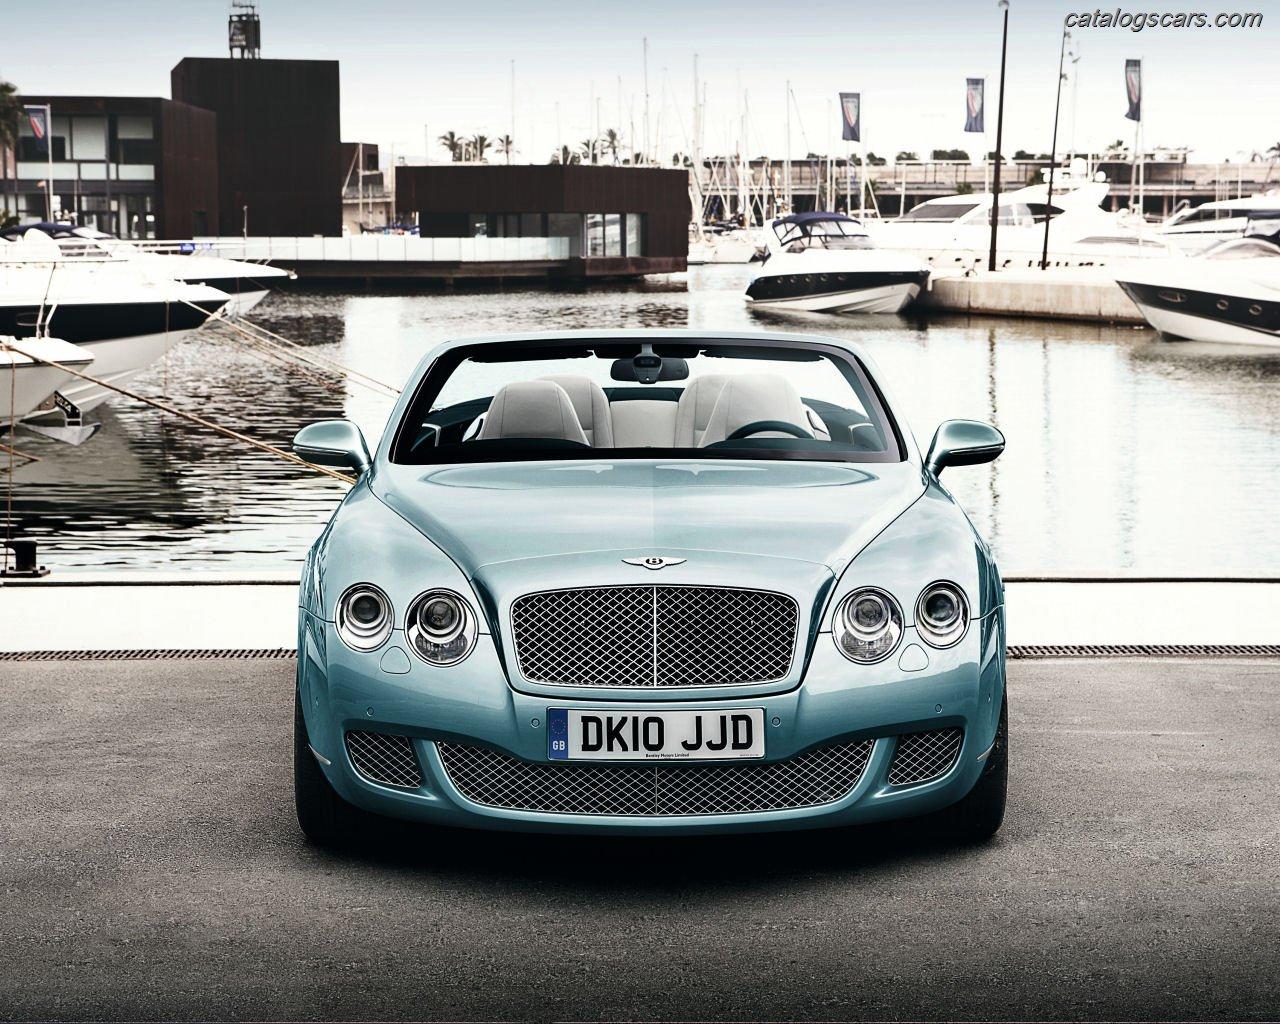 صور سيارة بنتلى كونتيننتال جى تى سى 2012 - اجمل خلفيات صور عربية بنتلى كونتيننتال جى تى سى 2012 - Bentley Continental Gtc Photos Bentley-Continental-Gtc-2011-04.jpg